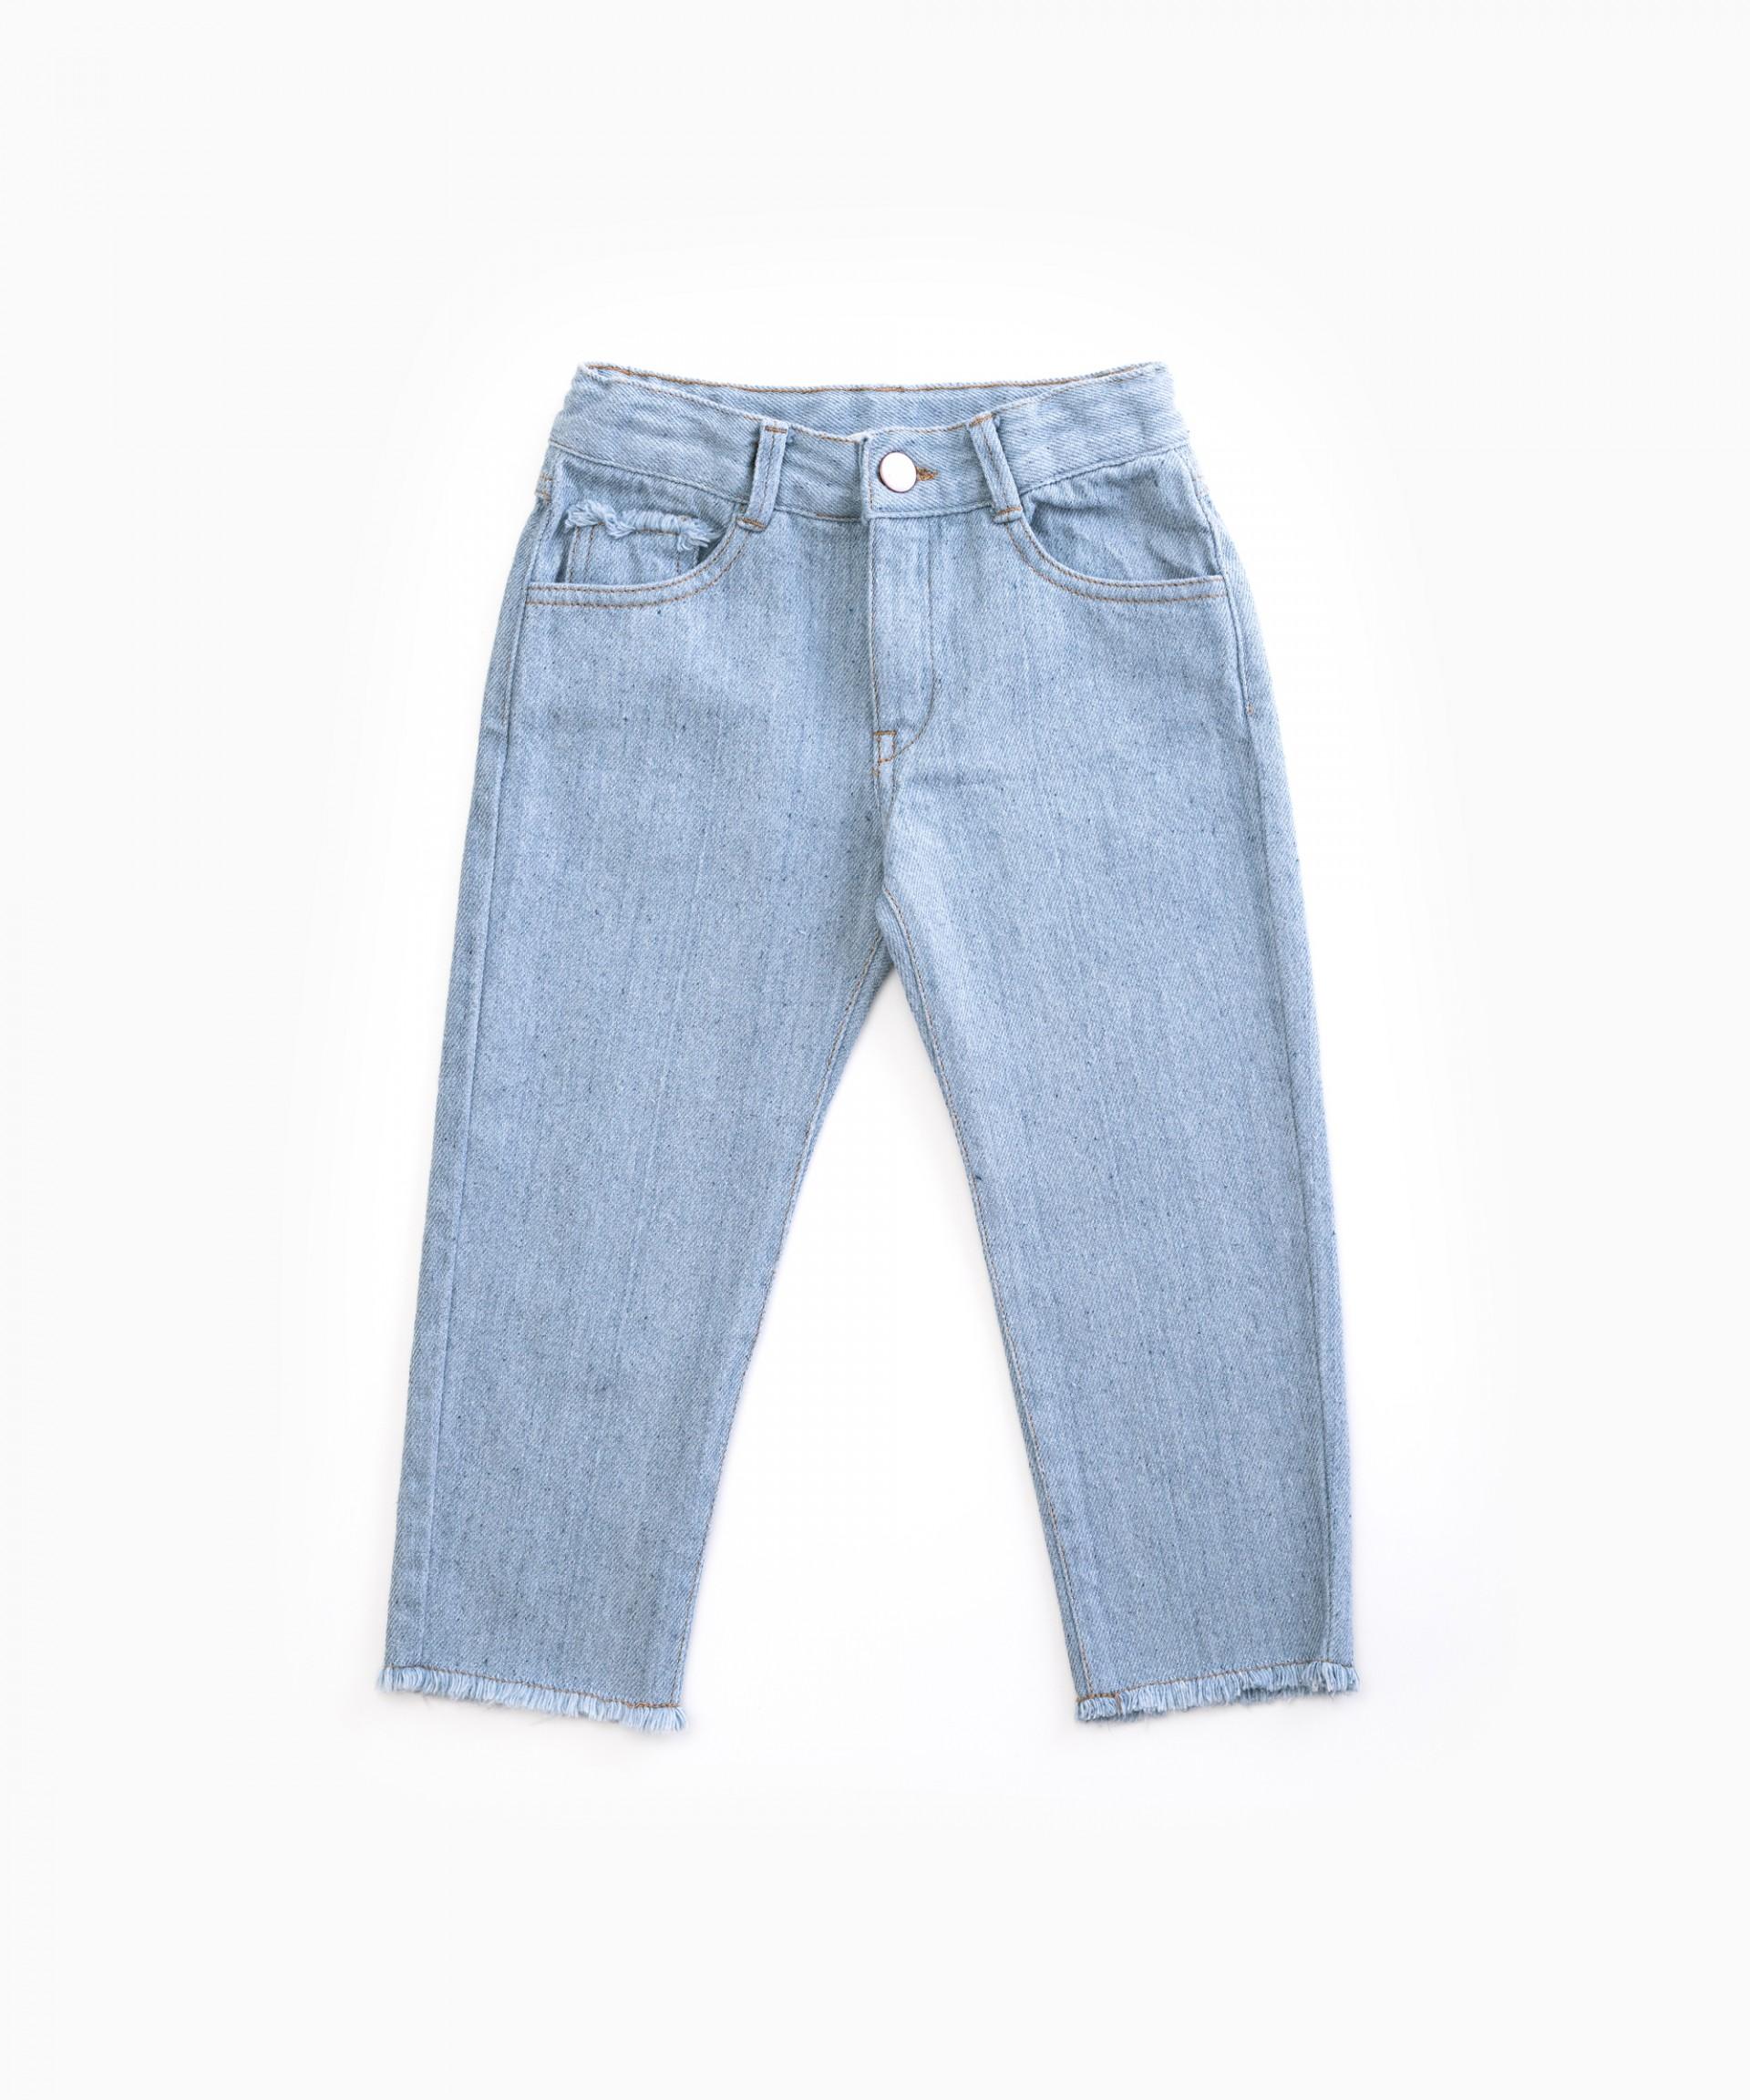 Pantalón vaquero con bolsillos | Woodwork